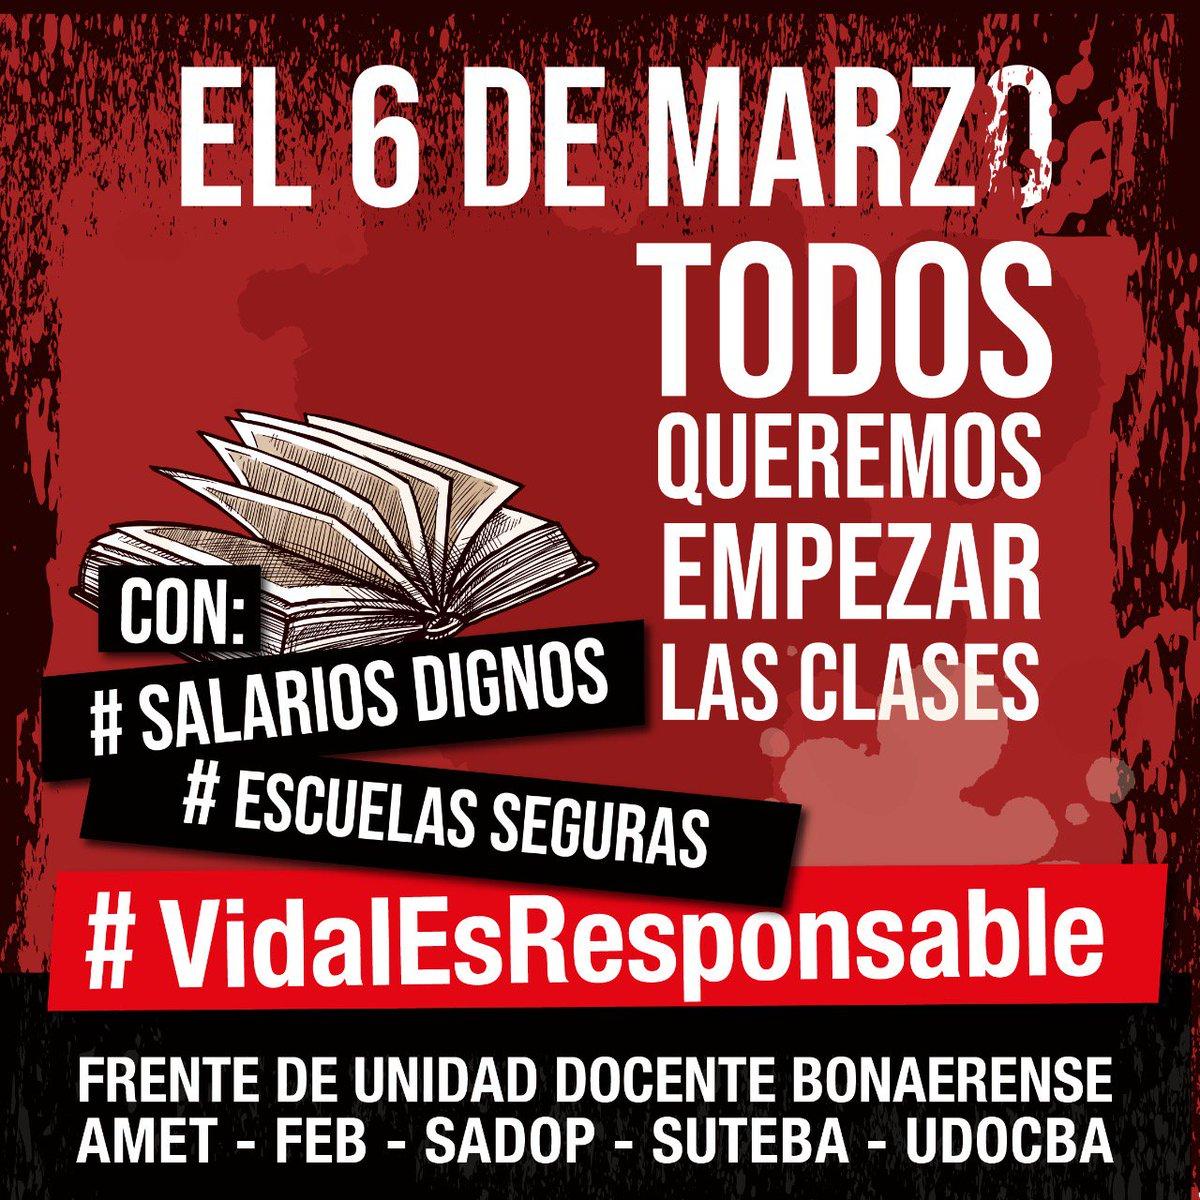 Maria Laura Torre's photo on #SalariosDignos